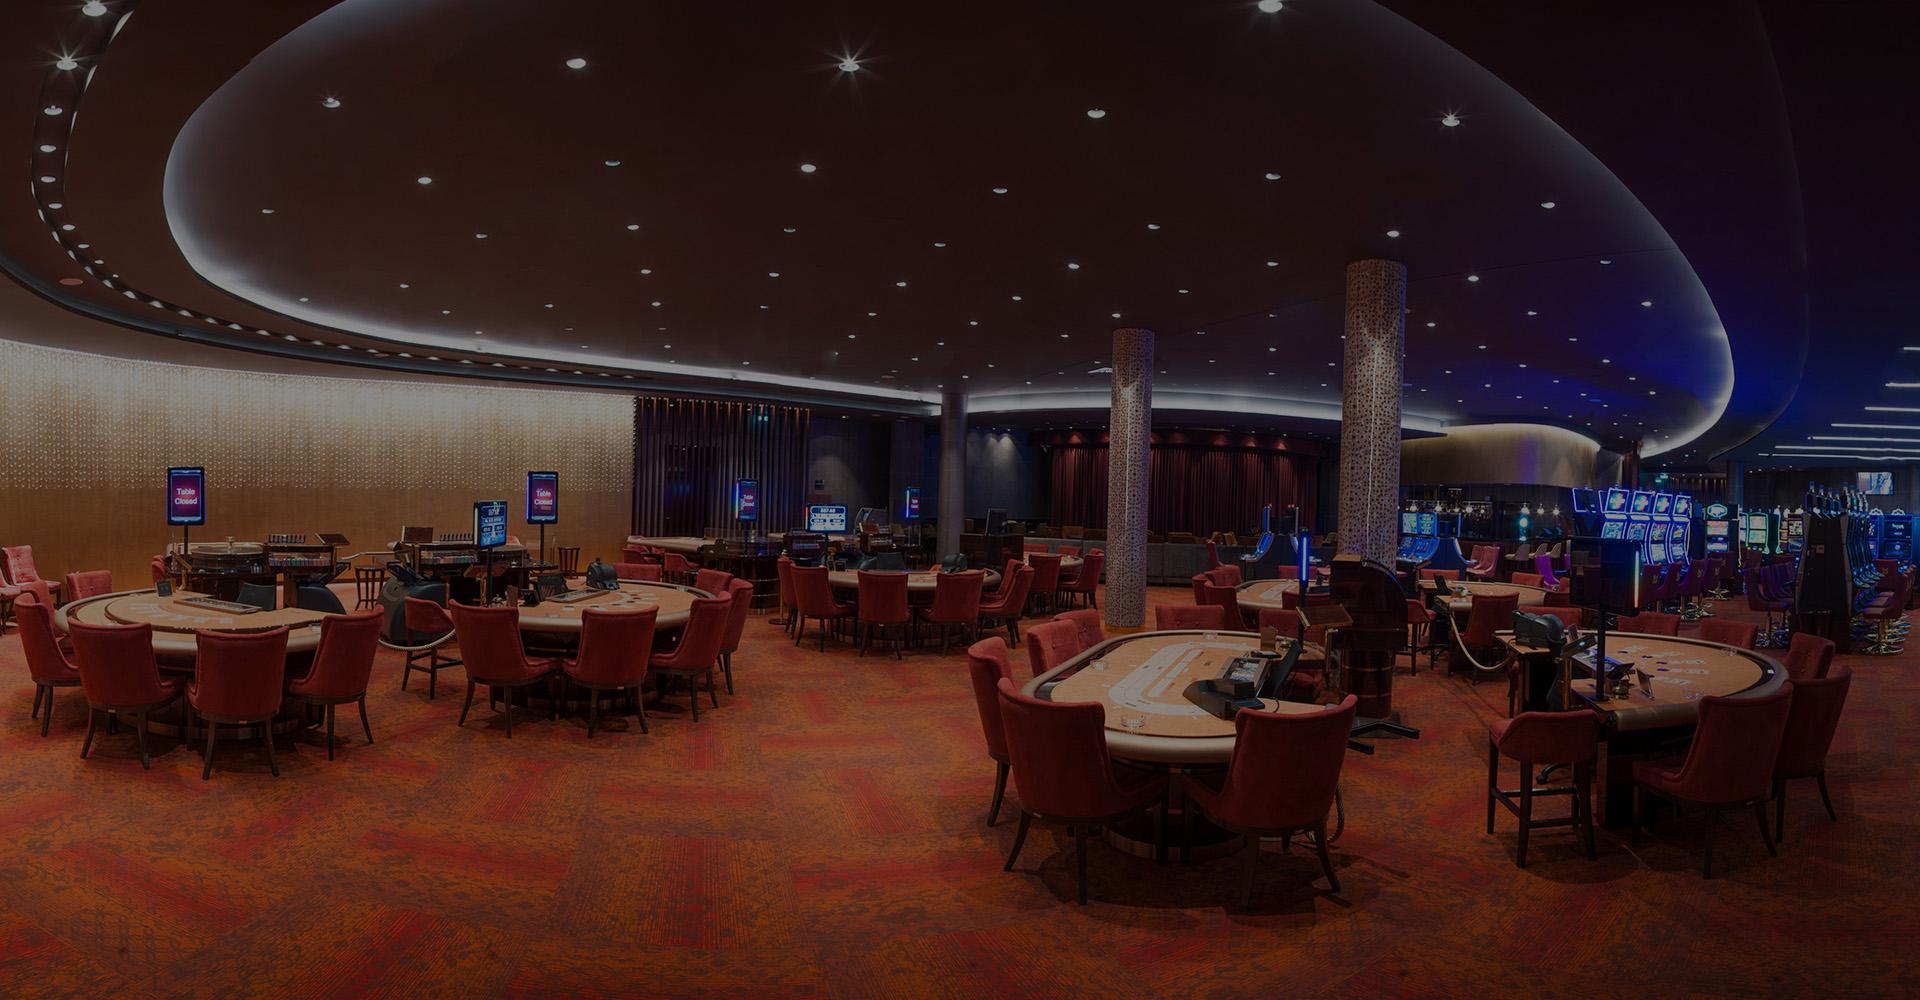 Нове казино з сучасними ігровими автоматами і різноманітними ігровими столами, такими як Баккара, Блек Джек, Пунто Банко, рулетка, відкрите протягом всього року. Разом з розкішним рестораном Baccarat саме це позиціонує Maestral як головний центр ігор і розваг в регіоні.